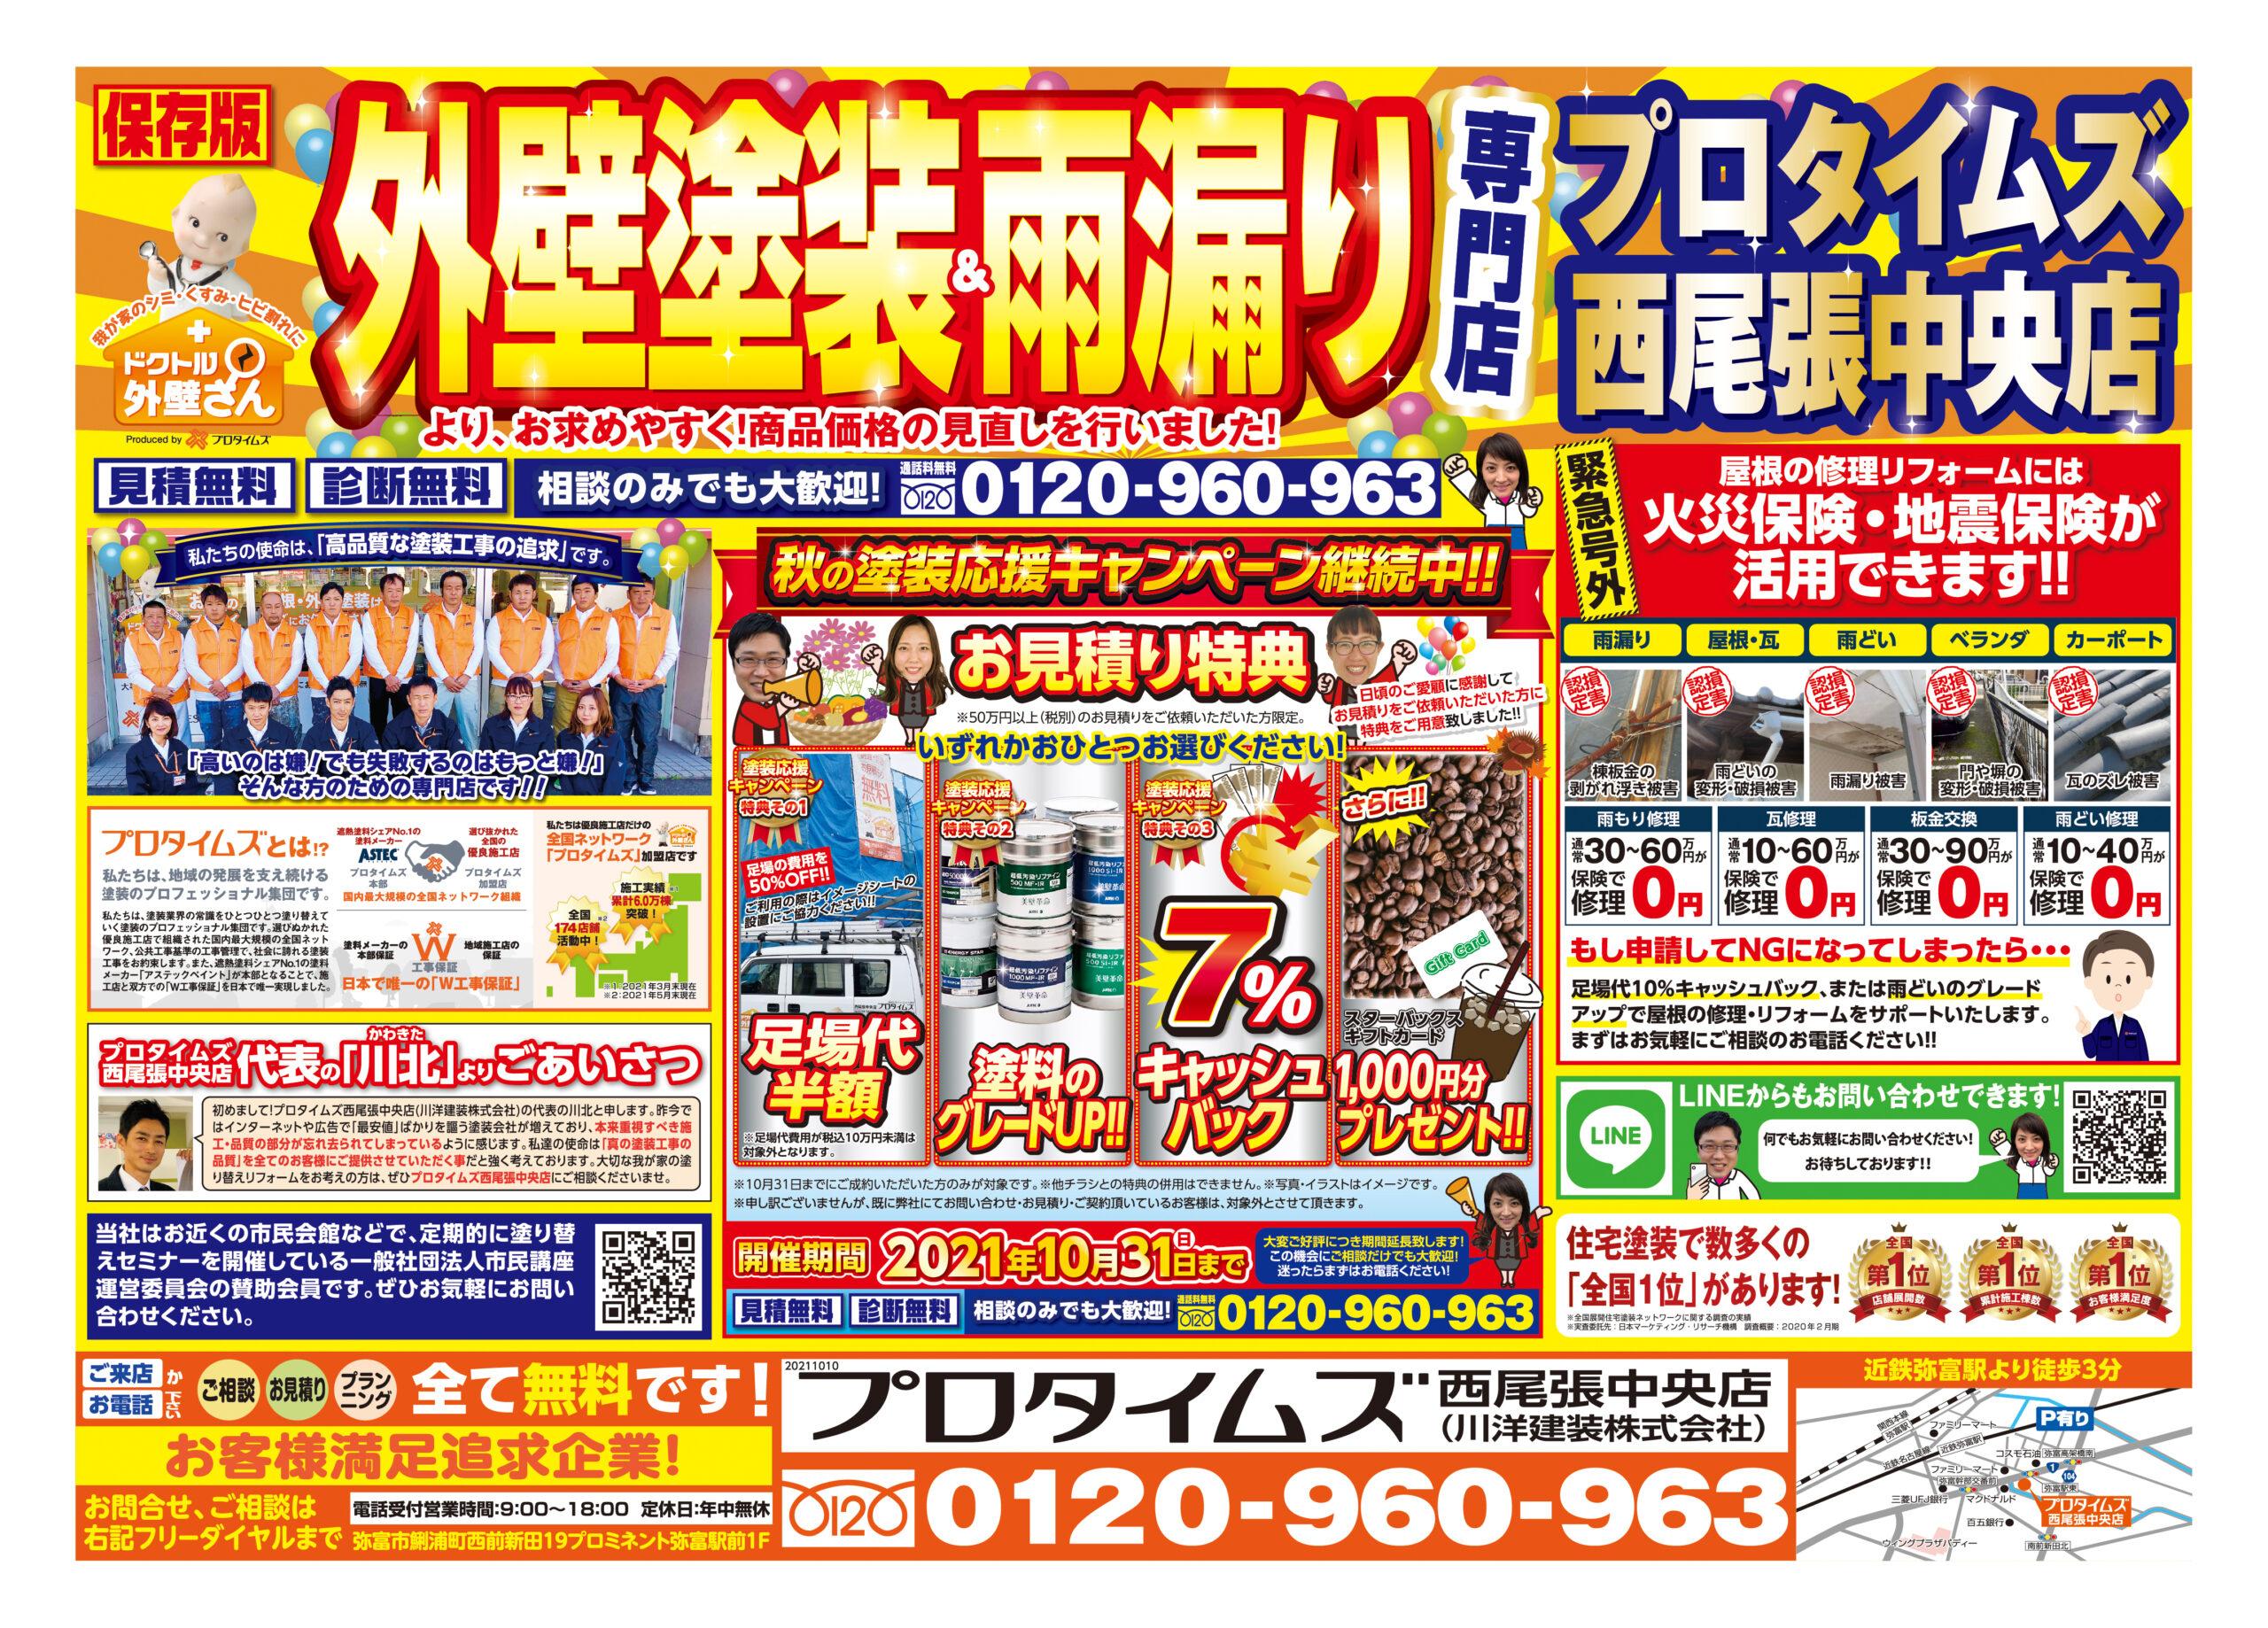 20211010折込みちらし1【西尾張中央店】